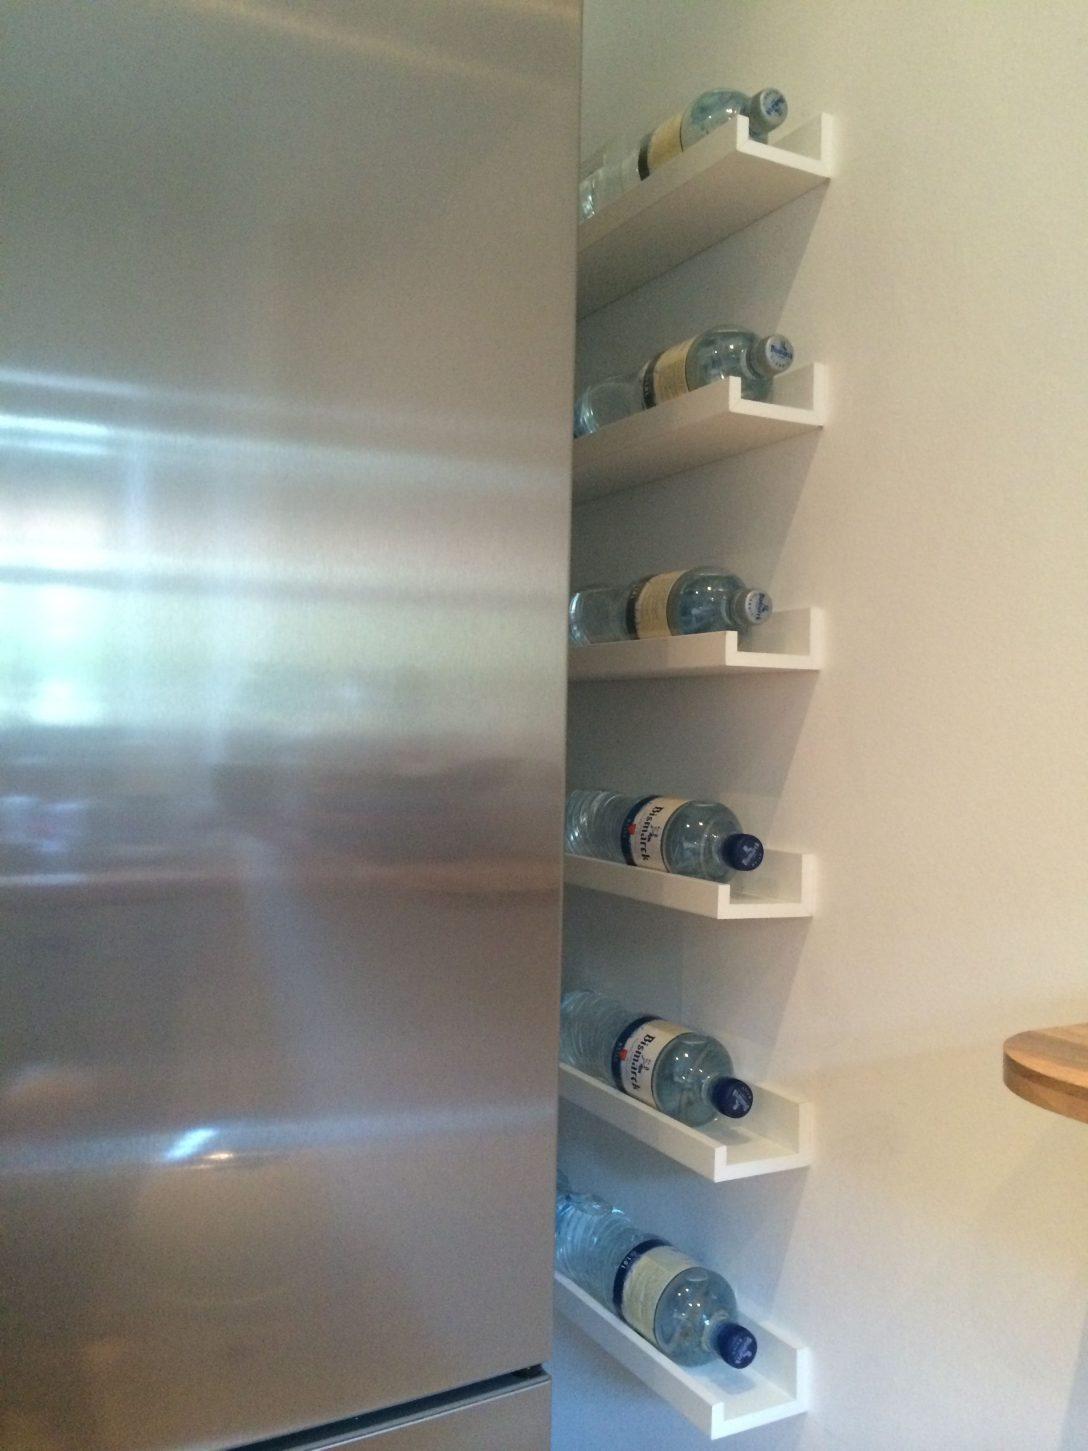 Large Size of Flaschenregal Ikea Kche Bild Leiste Wandtatoo Küche Landhausküche Gebraucht Nobilia Deko Für Kaufen Müllschrank Was Kostet Eine Gewinnen Beistelltisch Wohnzimmer Ikea Wandregal Küche